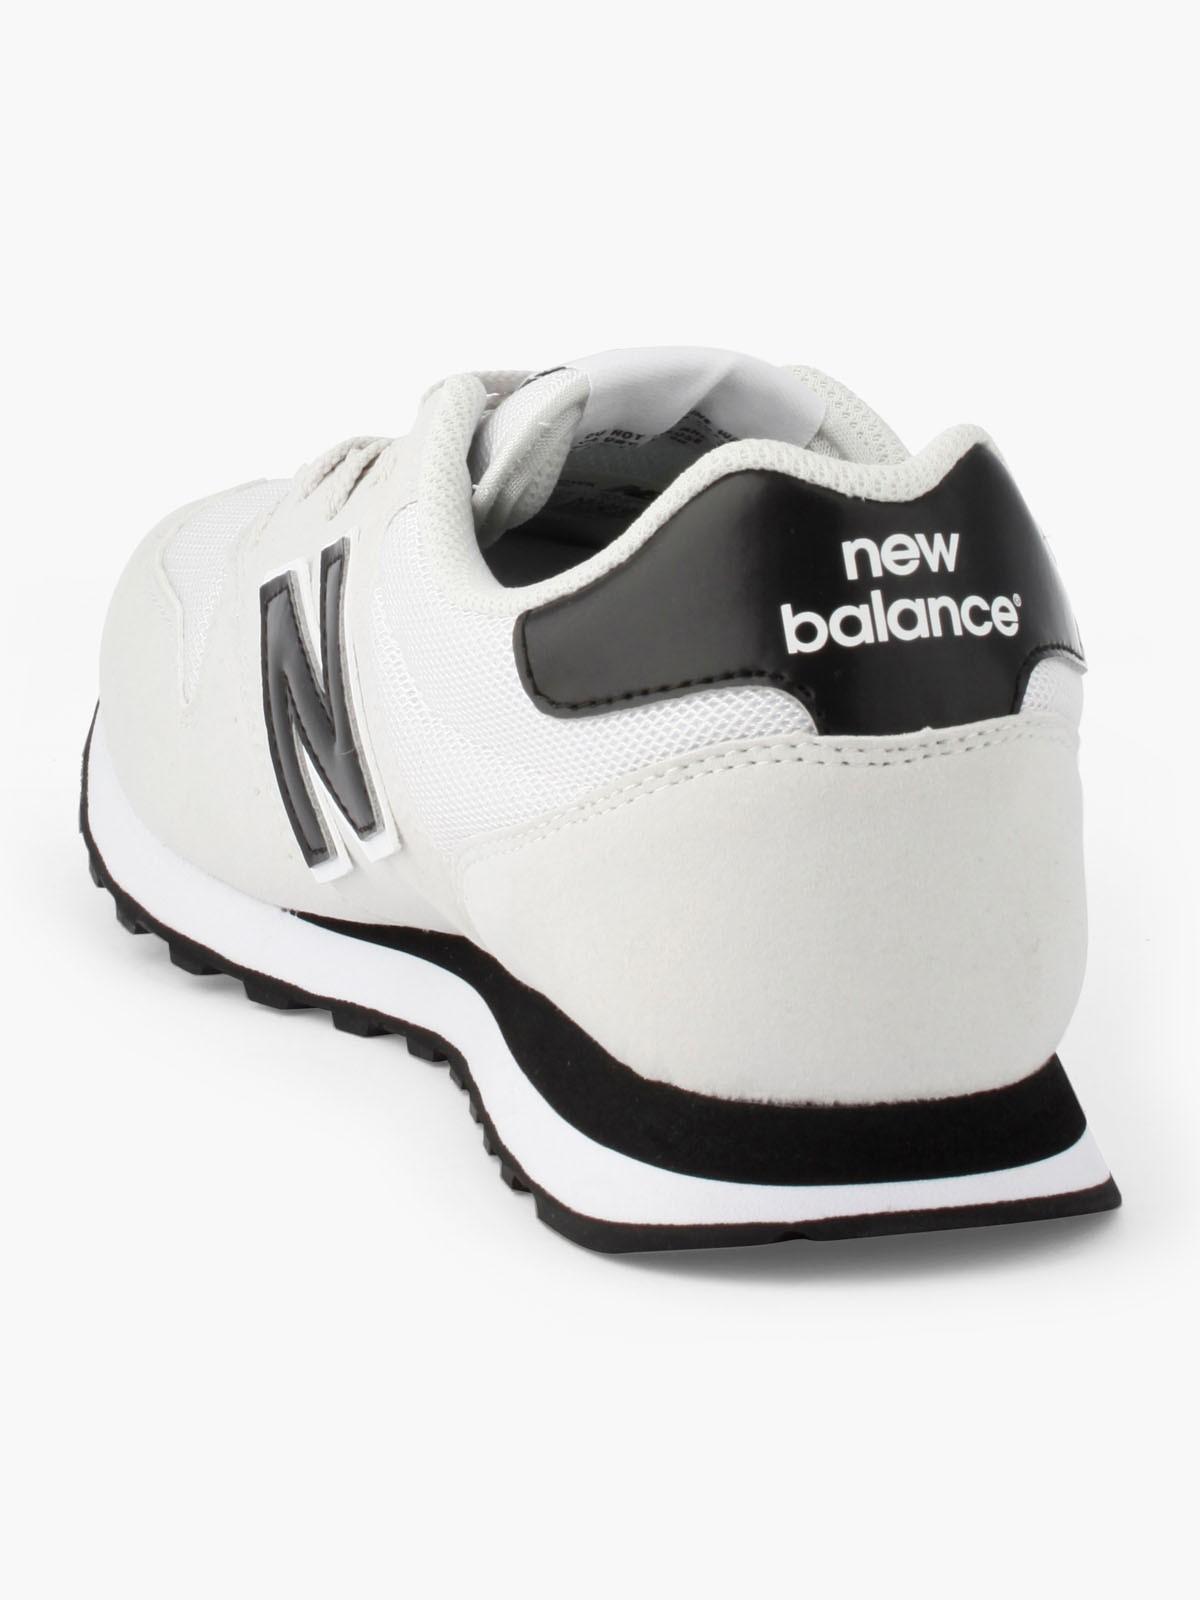 new balance femme la halle aux chaussures